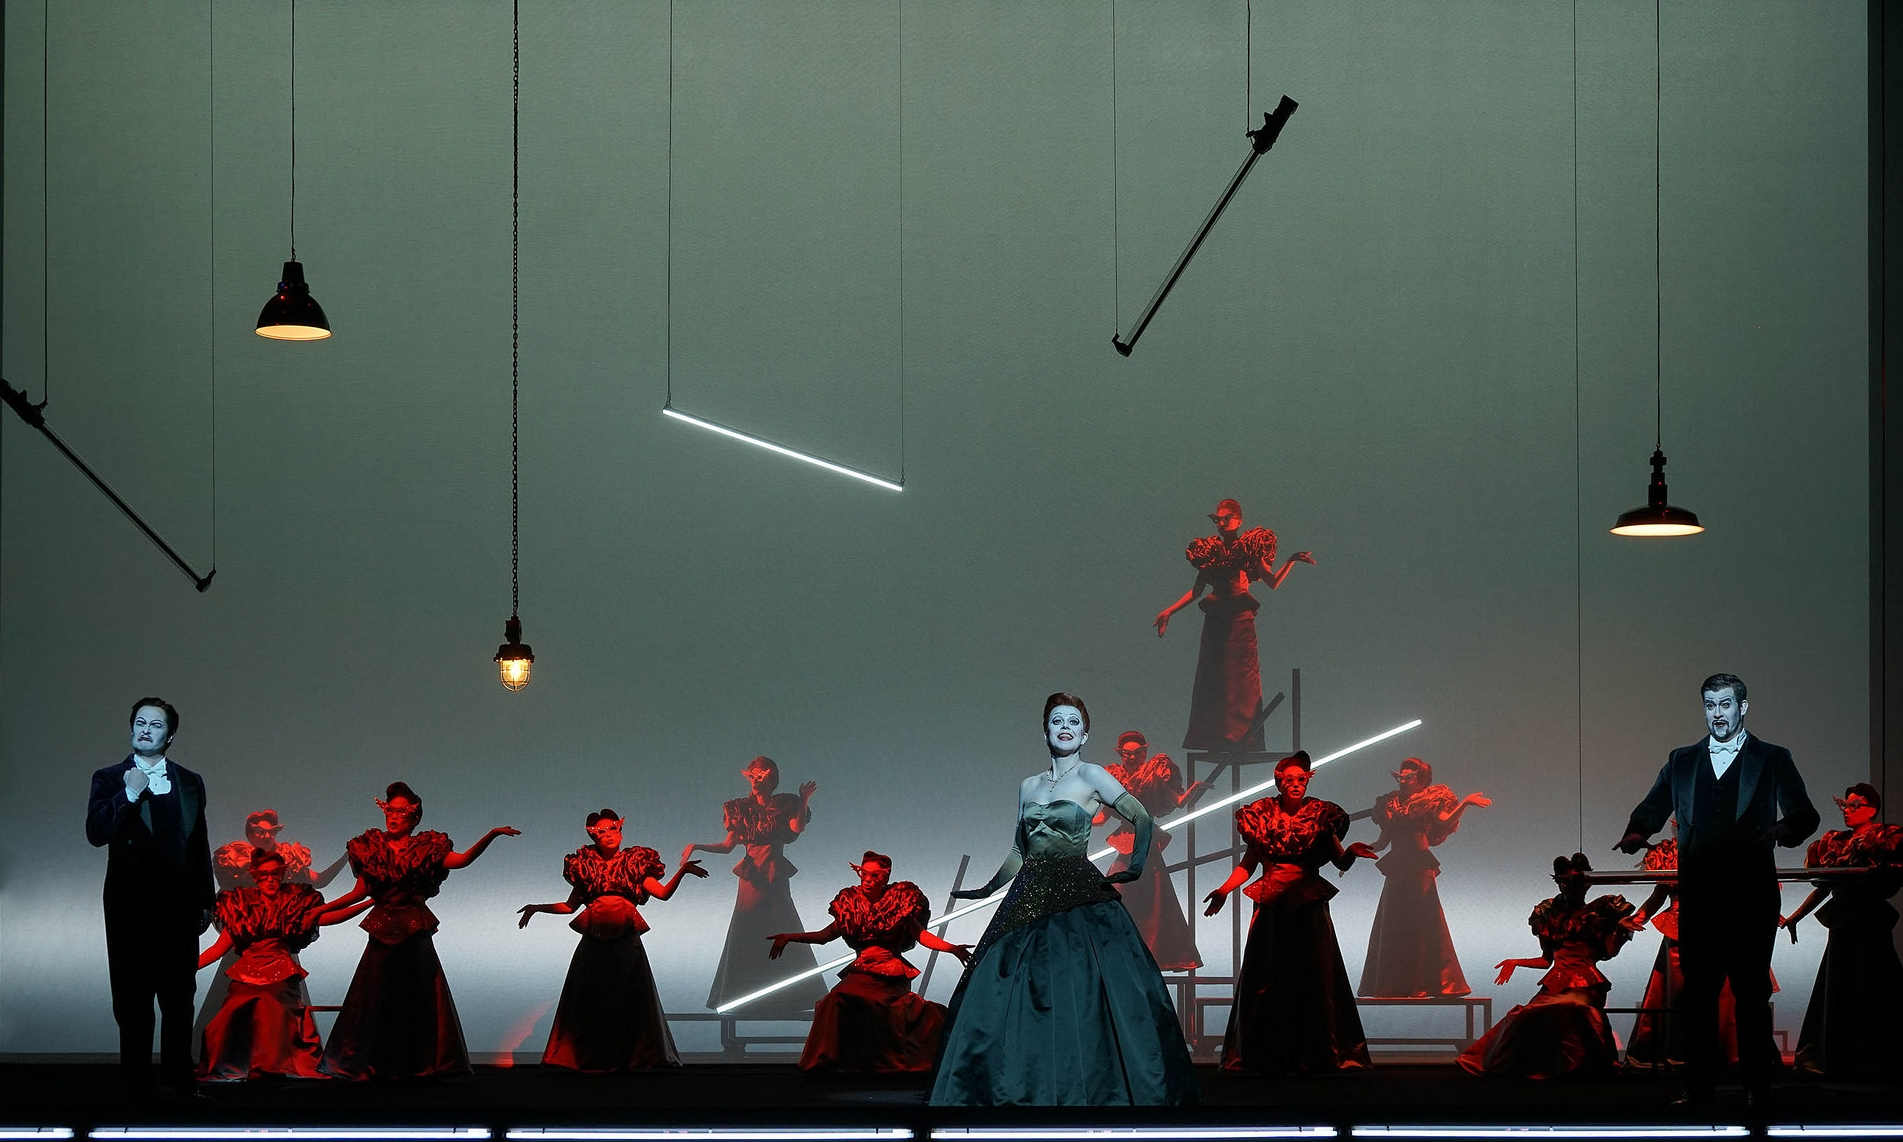 Act 2, Scene 2 - Michael Wagner (Marquis de Obigny), Kathryn Handsaker (Flora Bervoix), Dominik Nekel (Doctor Grenvil). Linz, 2015